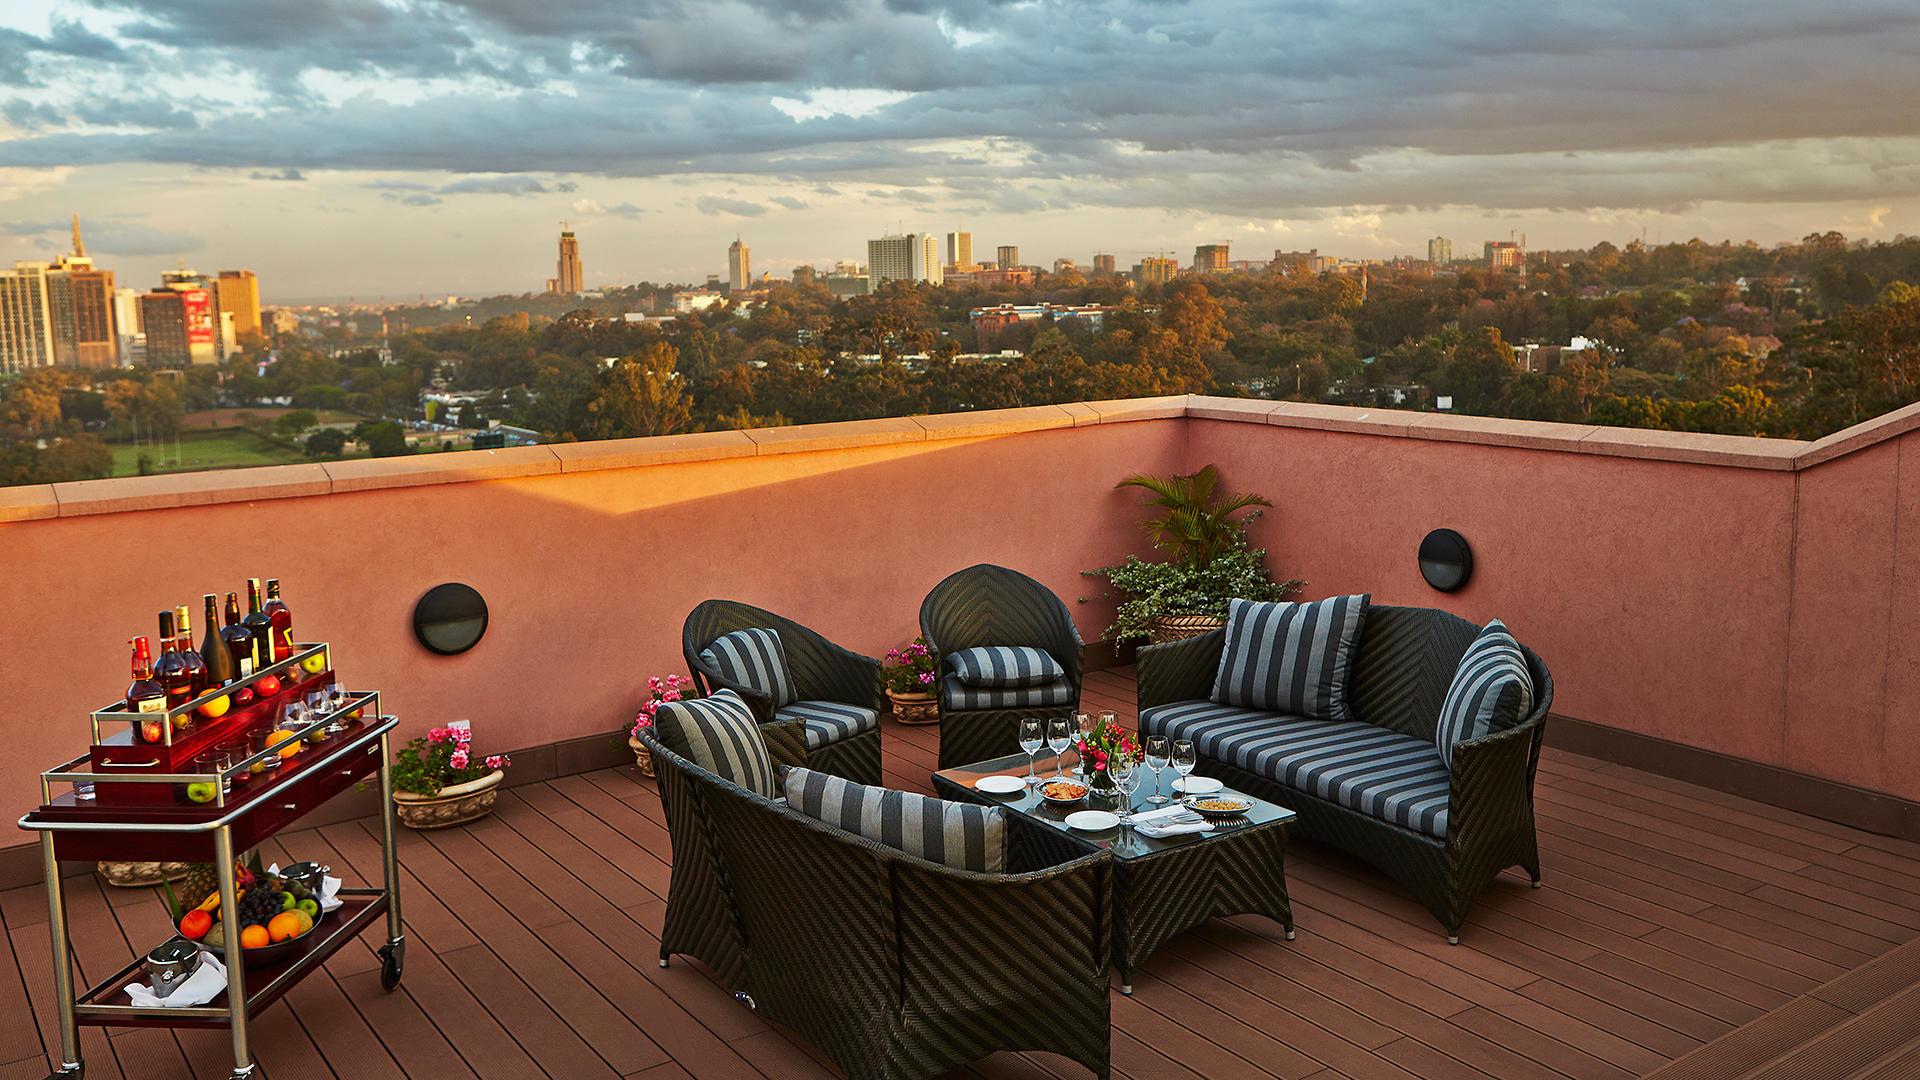 VillaRosaKempinski_Terrace_banner_image.jpg